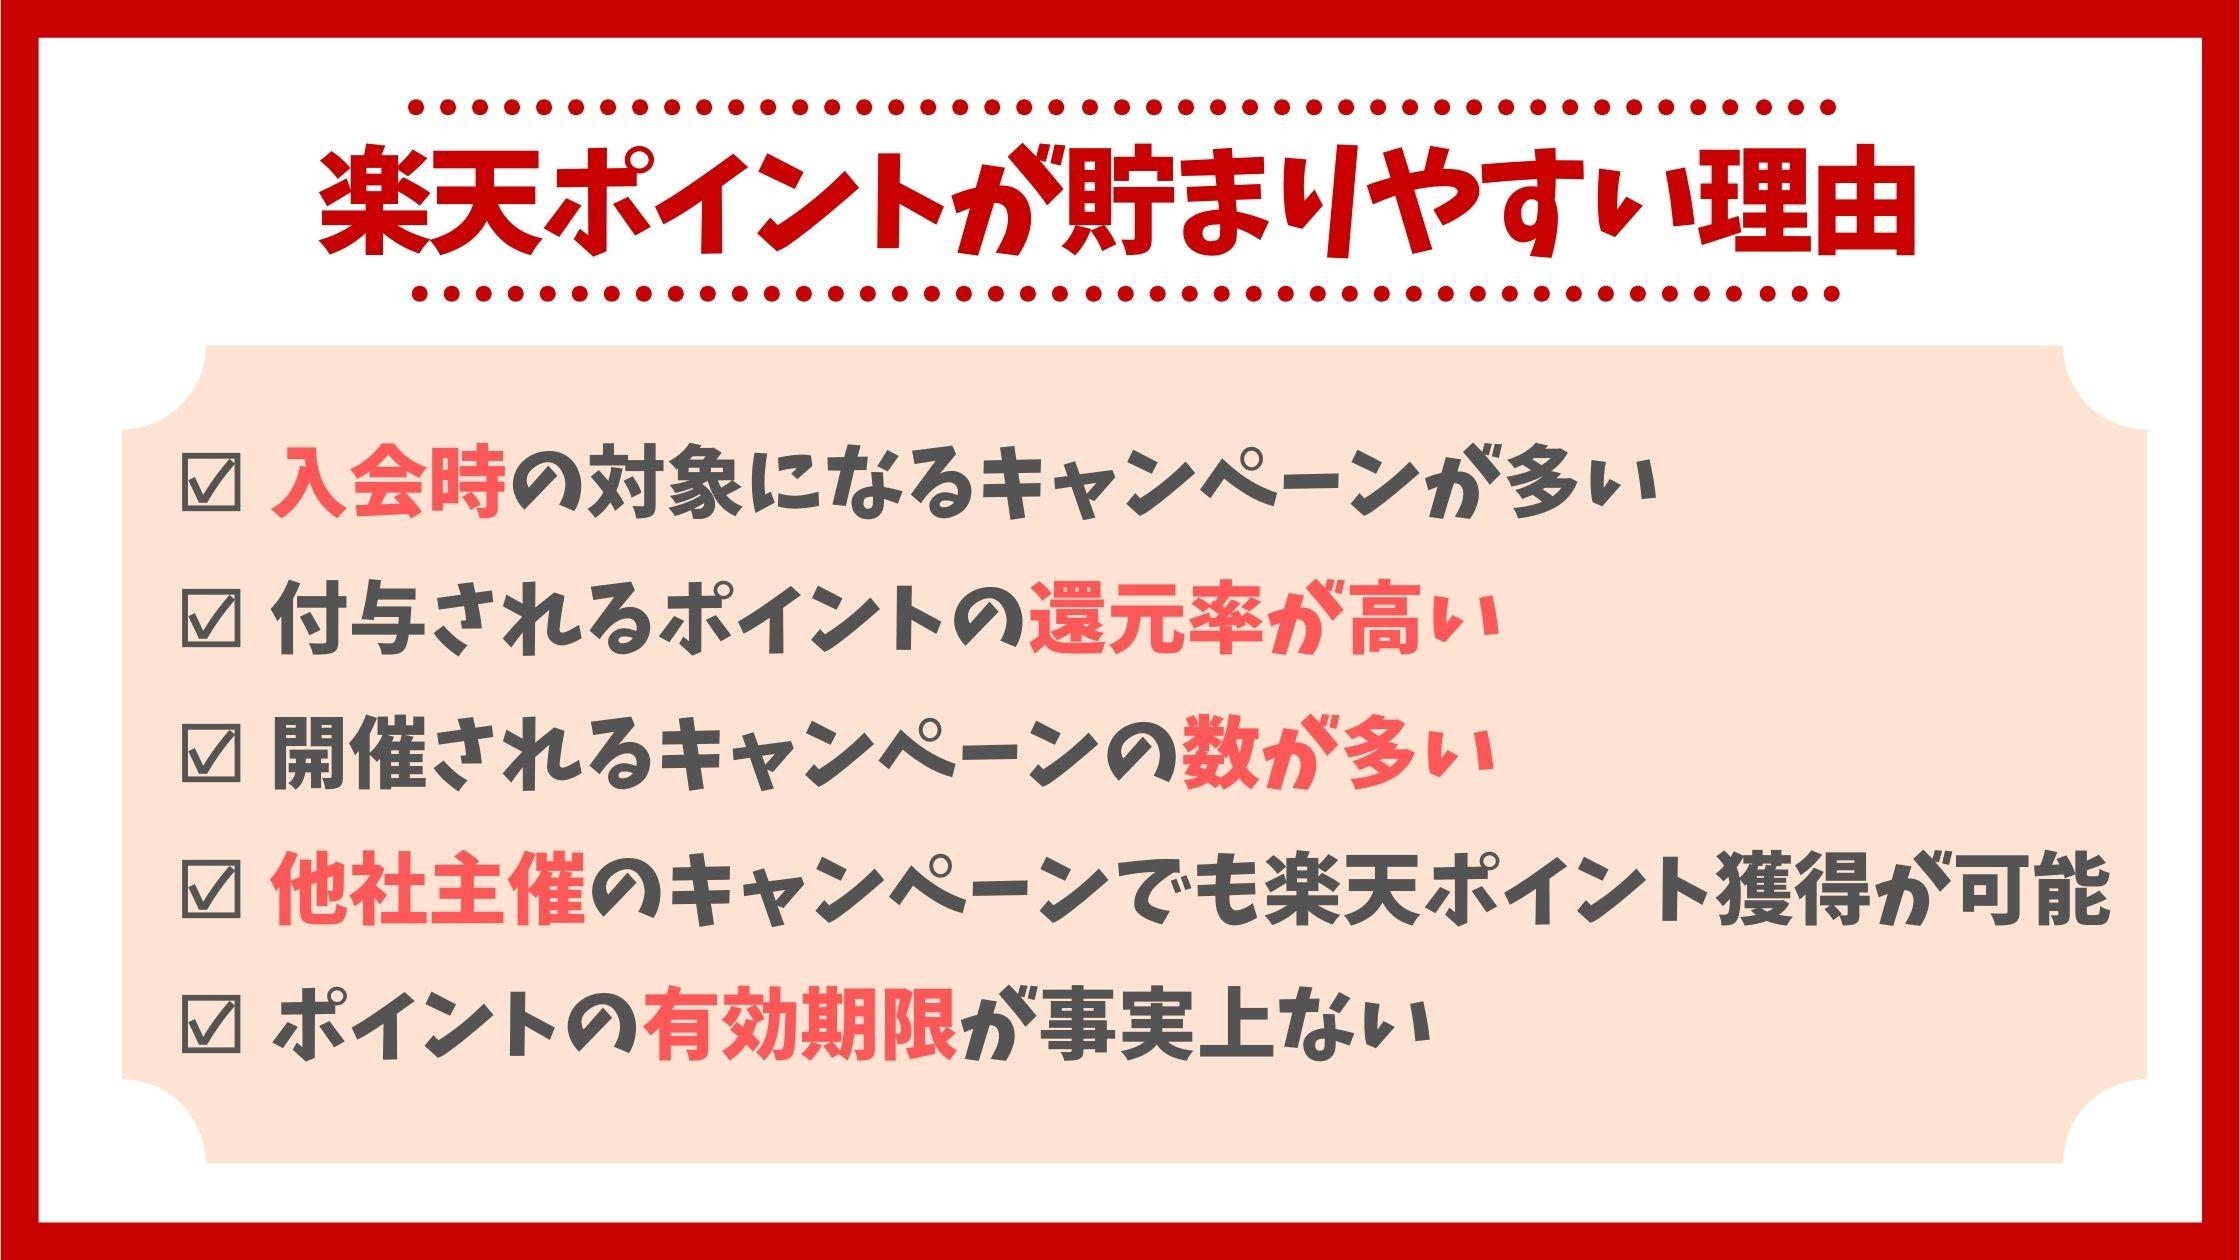 楽天ポイントは日本一貯まりやすいポイント!